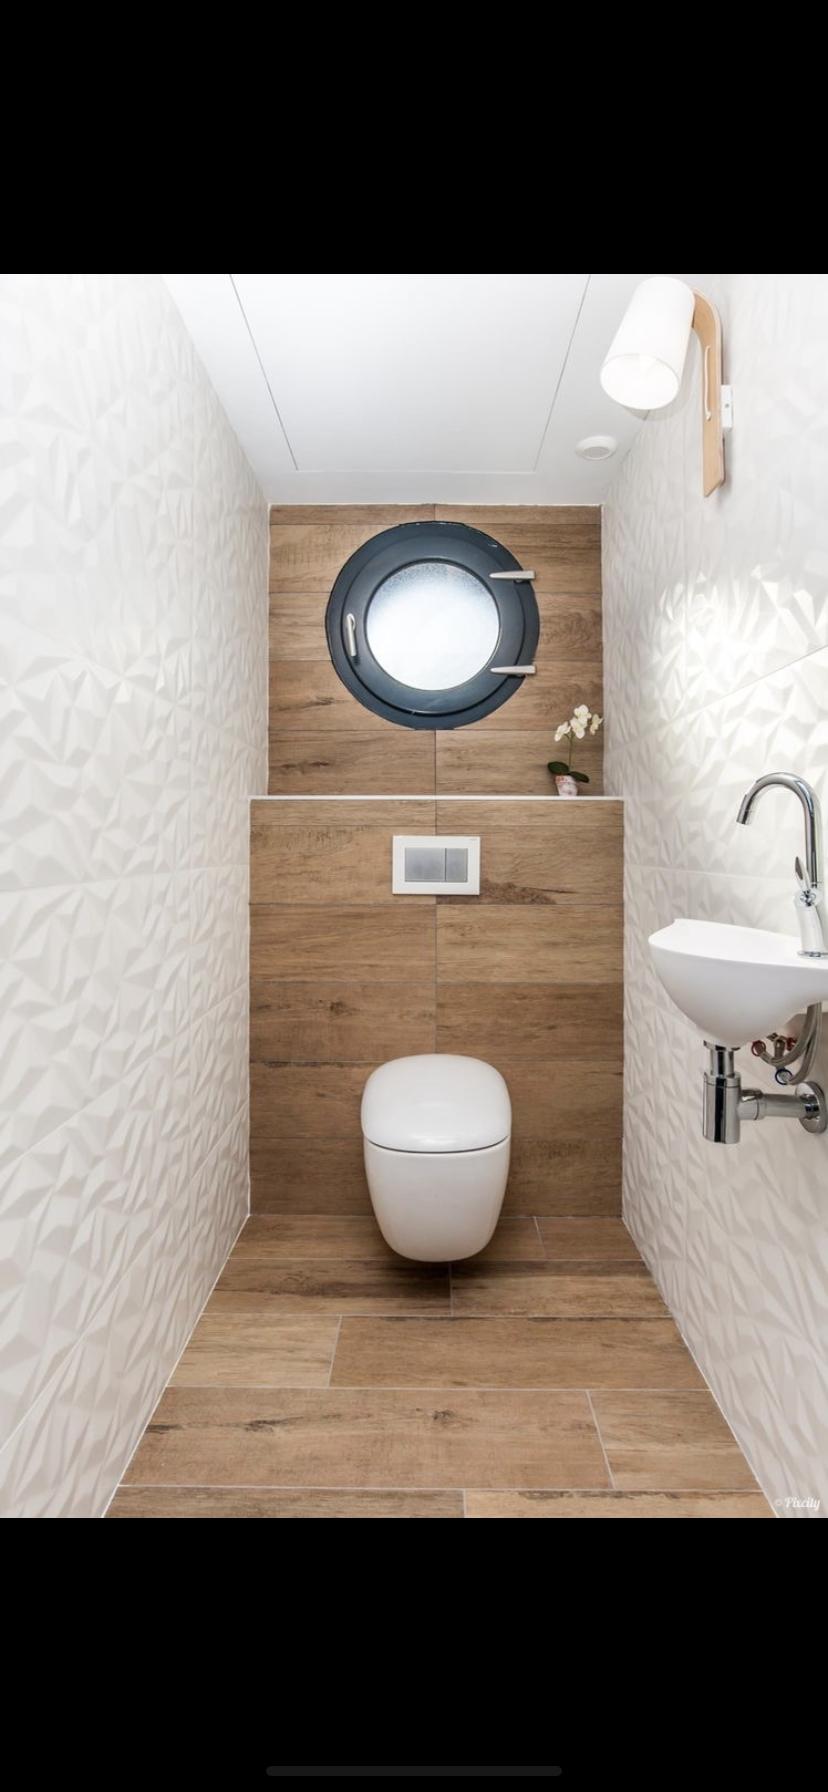 Mur Avec Panneau Mural 3d Wave Fenetre Hublot Incrustee Dans Le Bois Pour Le Rappel Du Bateau Toi Avec Images Amenagement Salle De Bain Deco Toilettes Carrelage Toilette